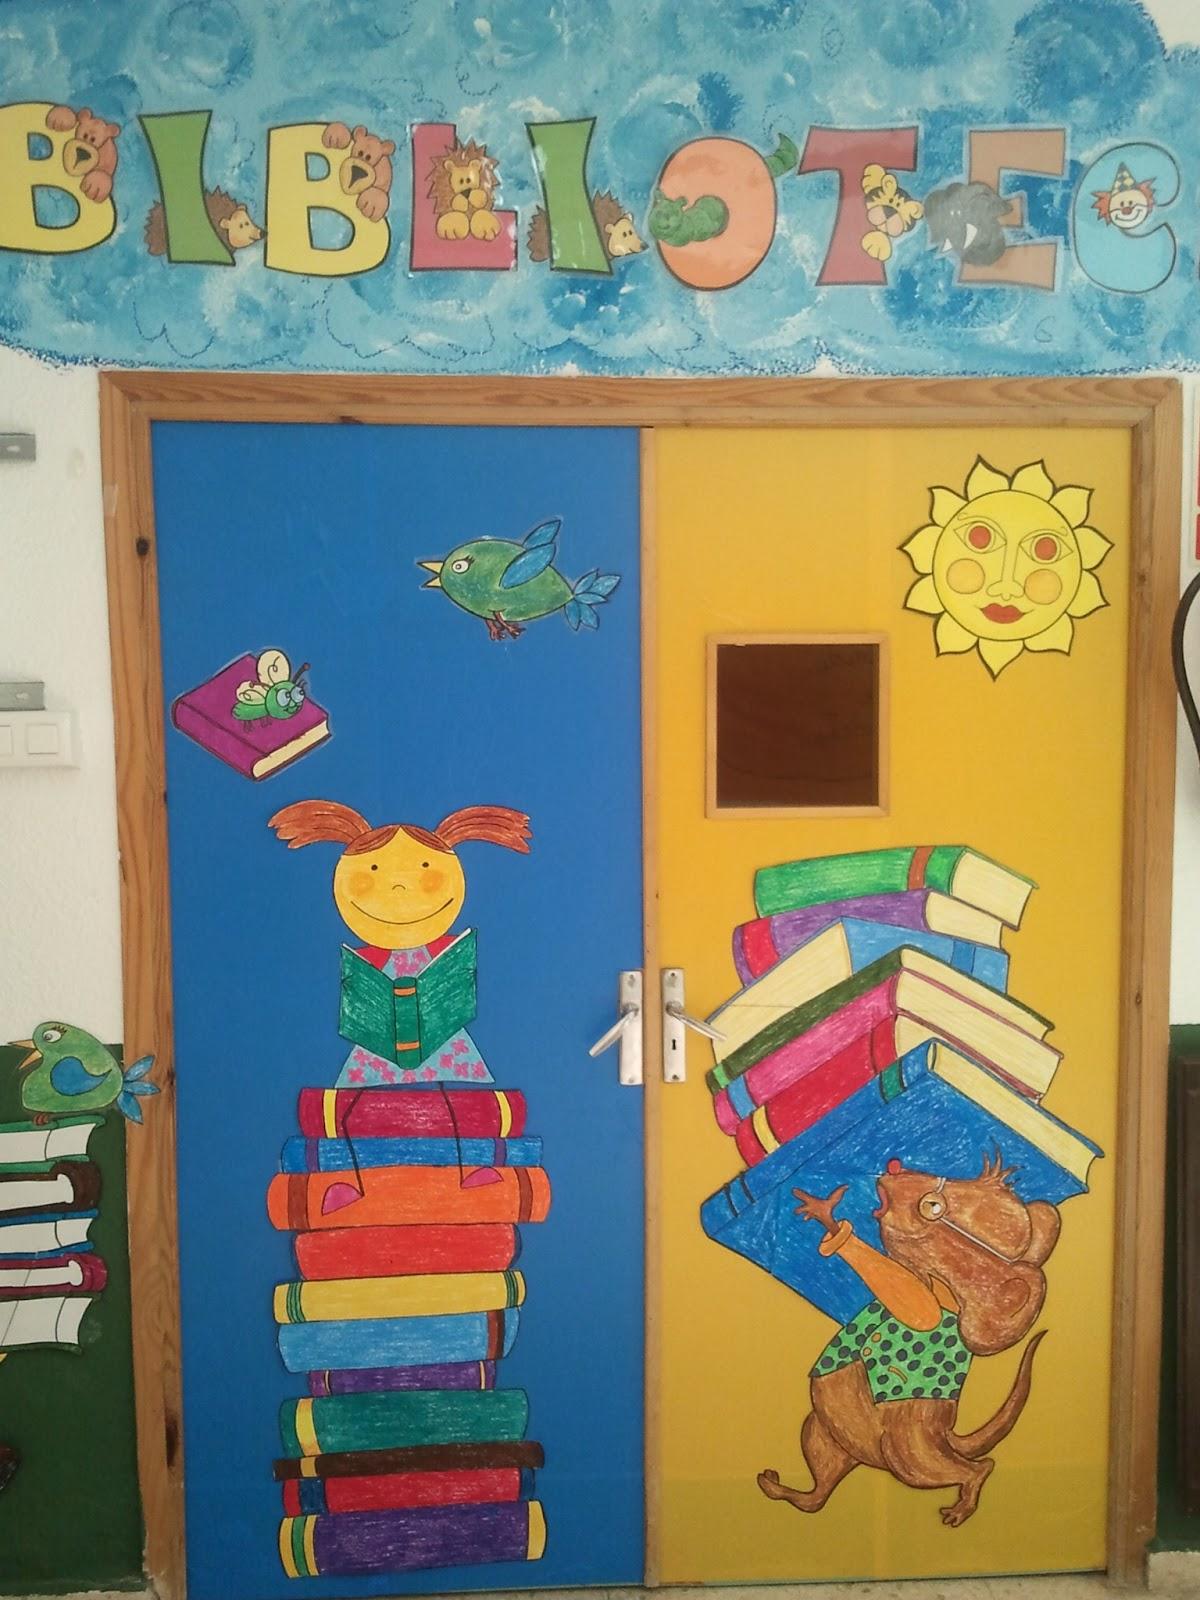 Biblioteca escolar bibliotucci nueva decoraci n de la for Decoracion de la puerta de entrada